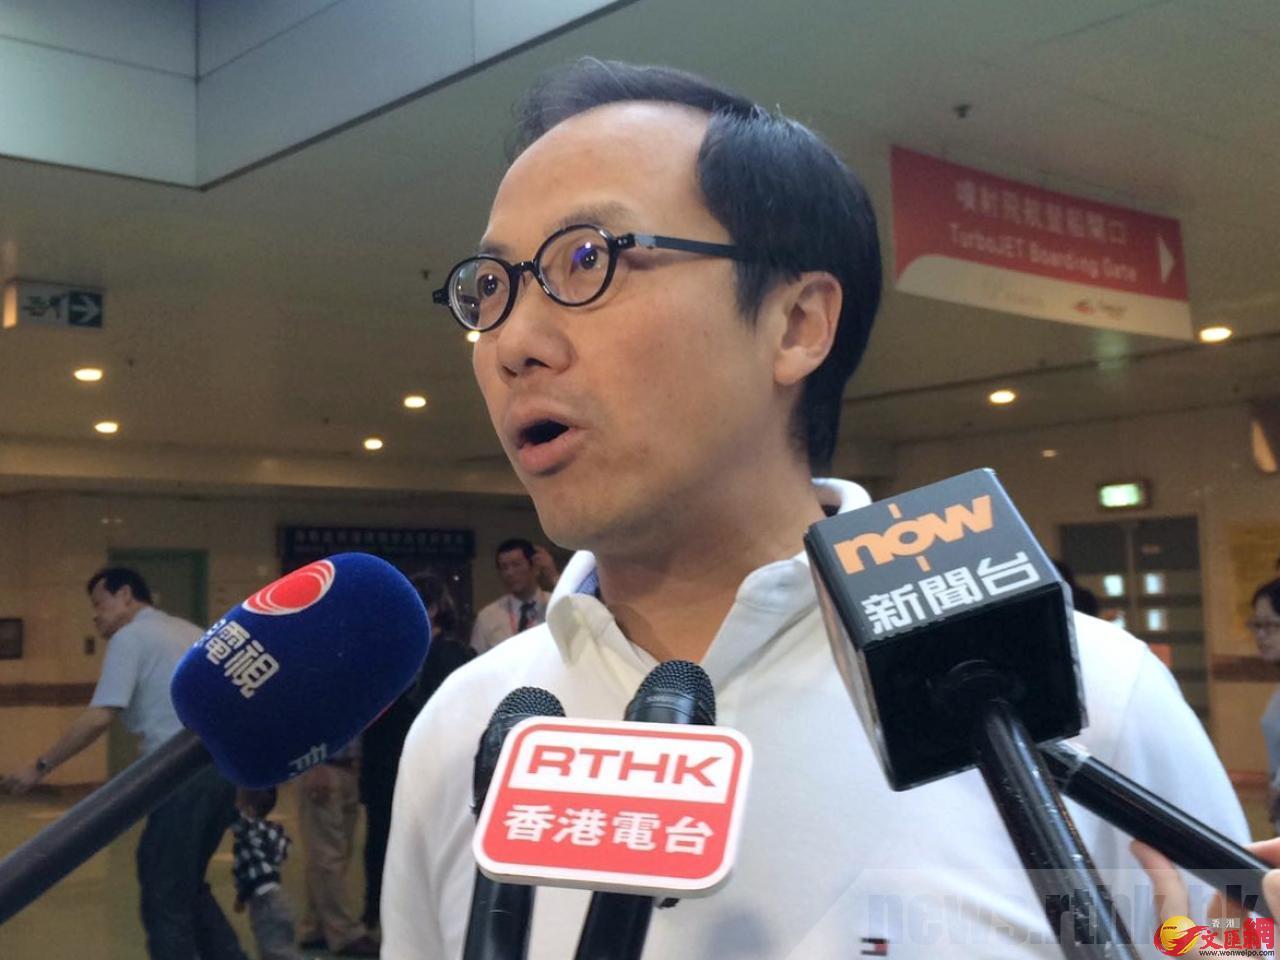 梁繼昌表示,關員指他會構成影響公共安全及秩序。